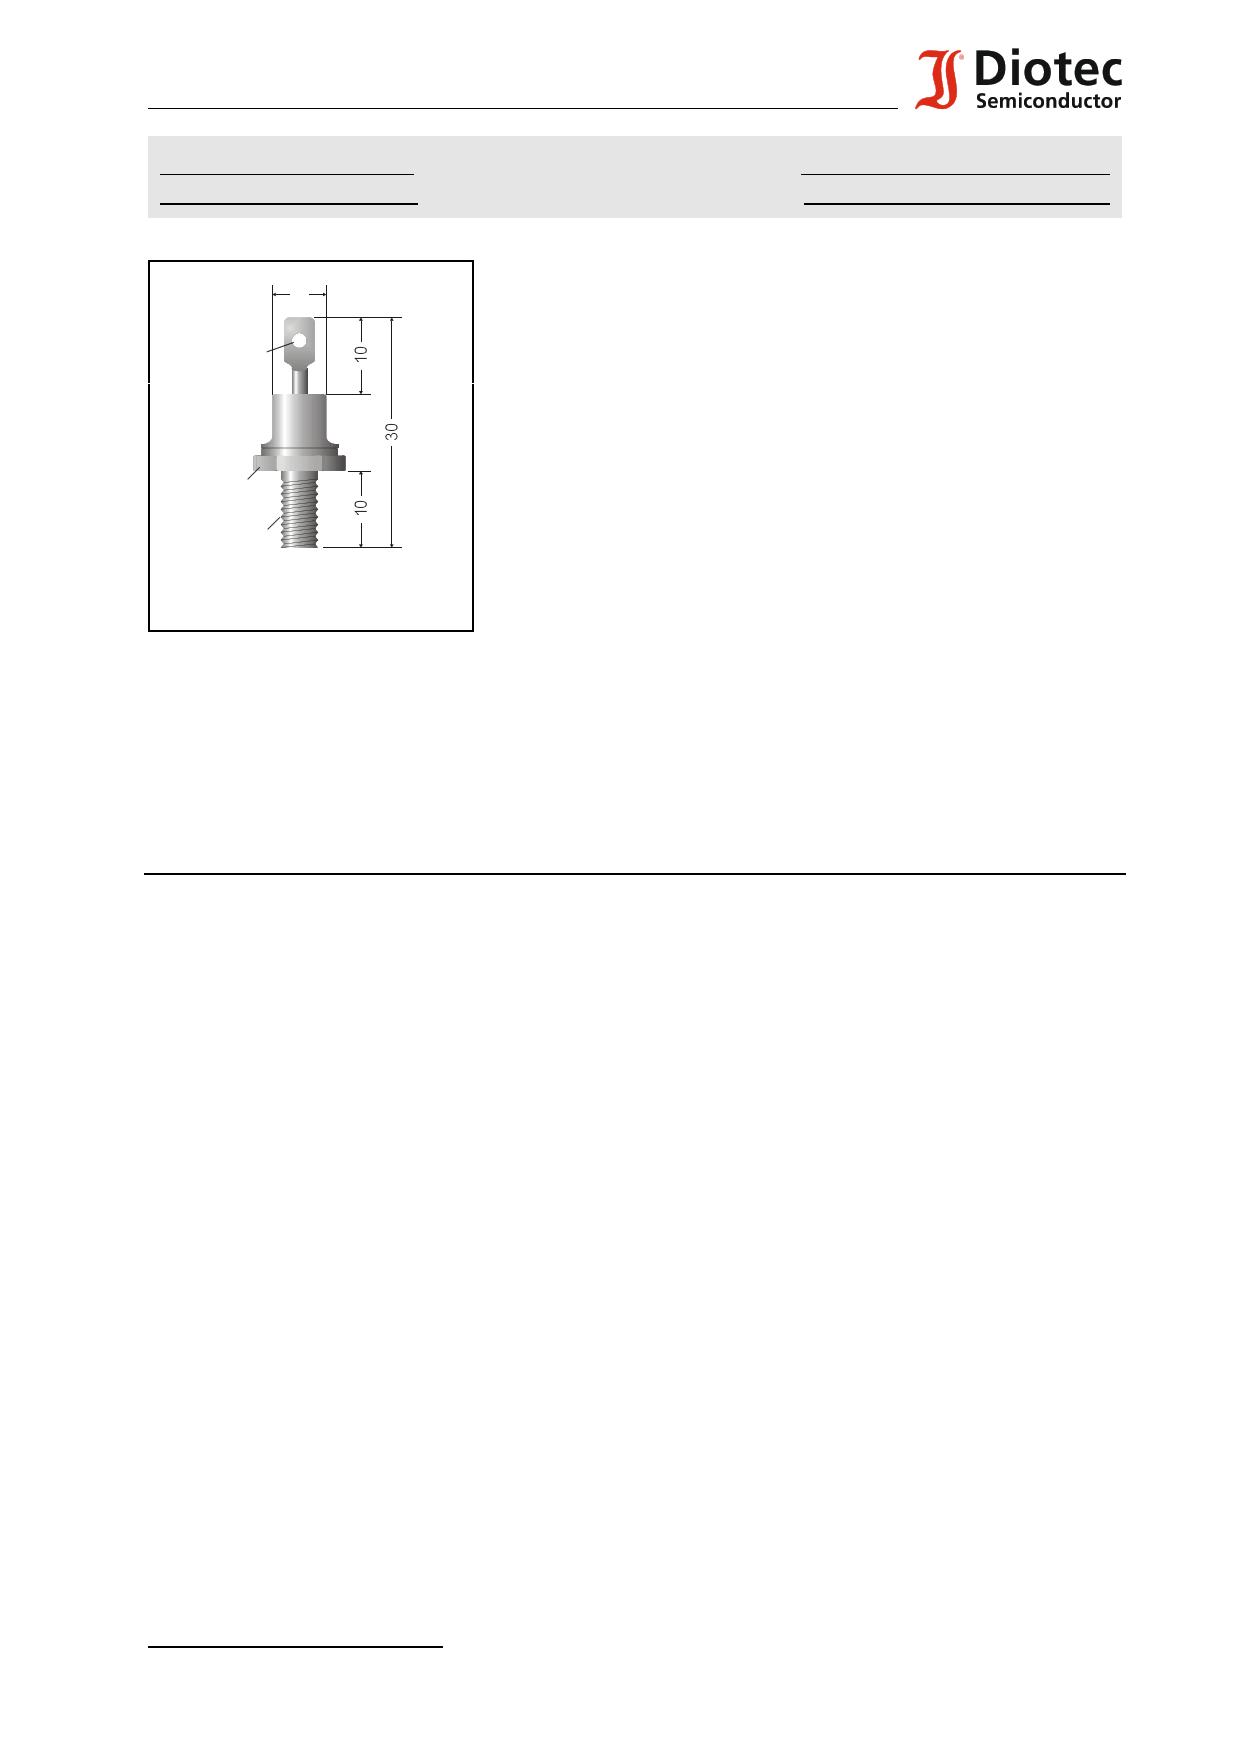 ZX3.9 datasheet